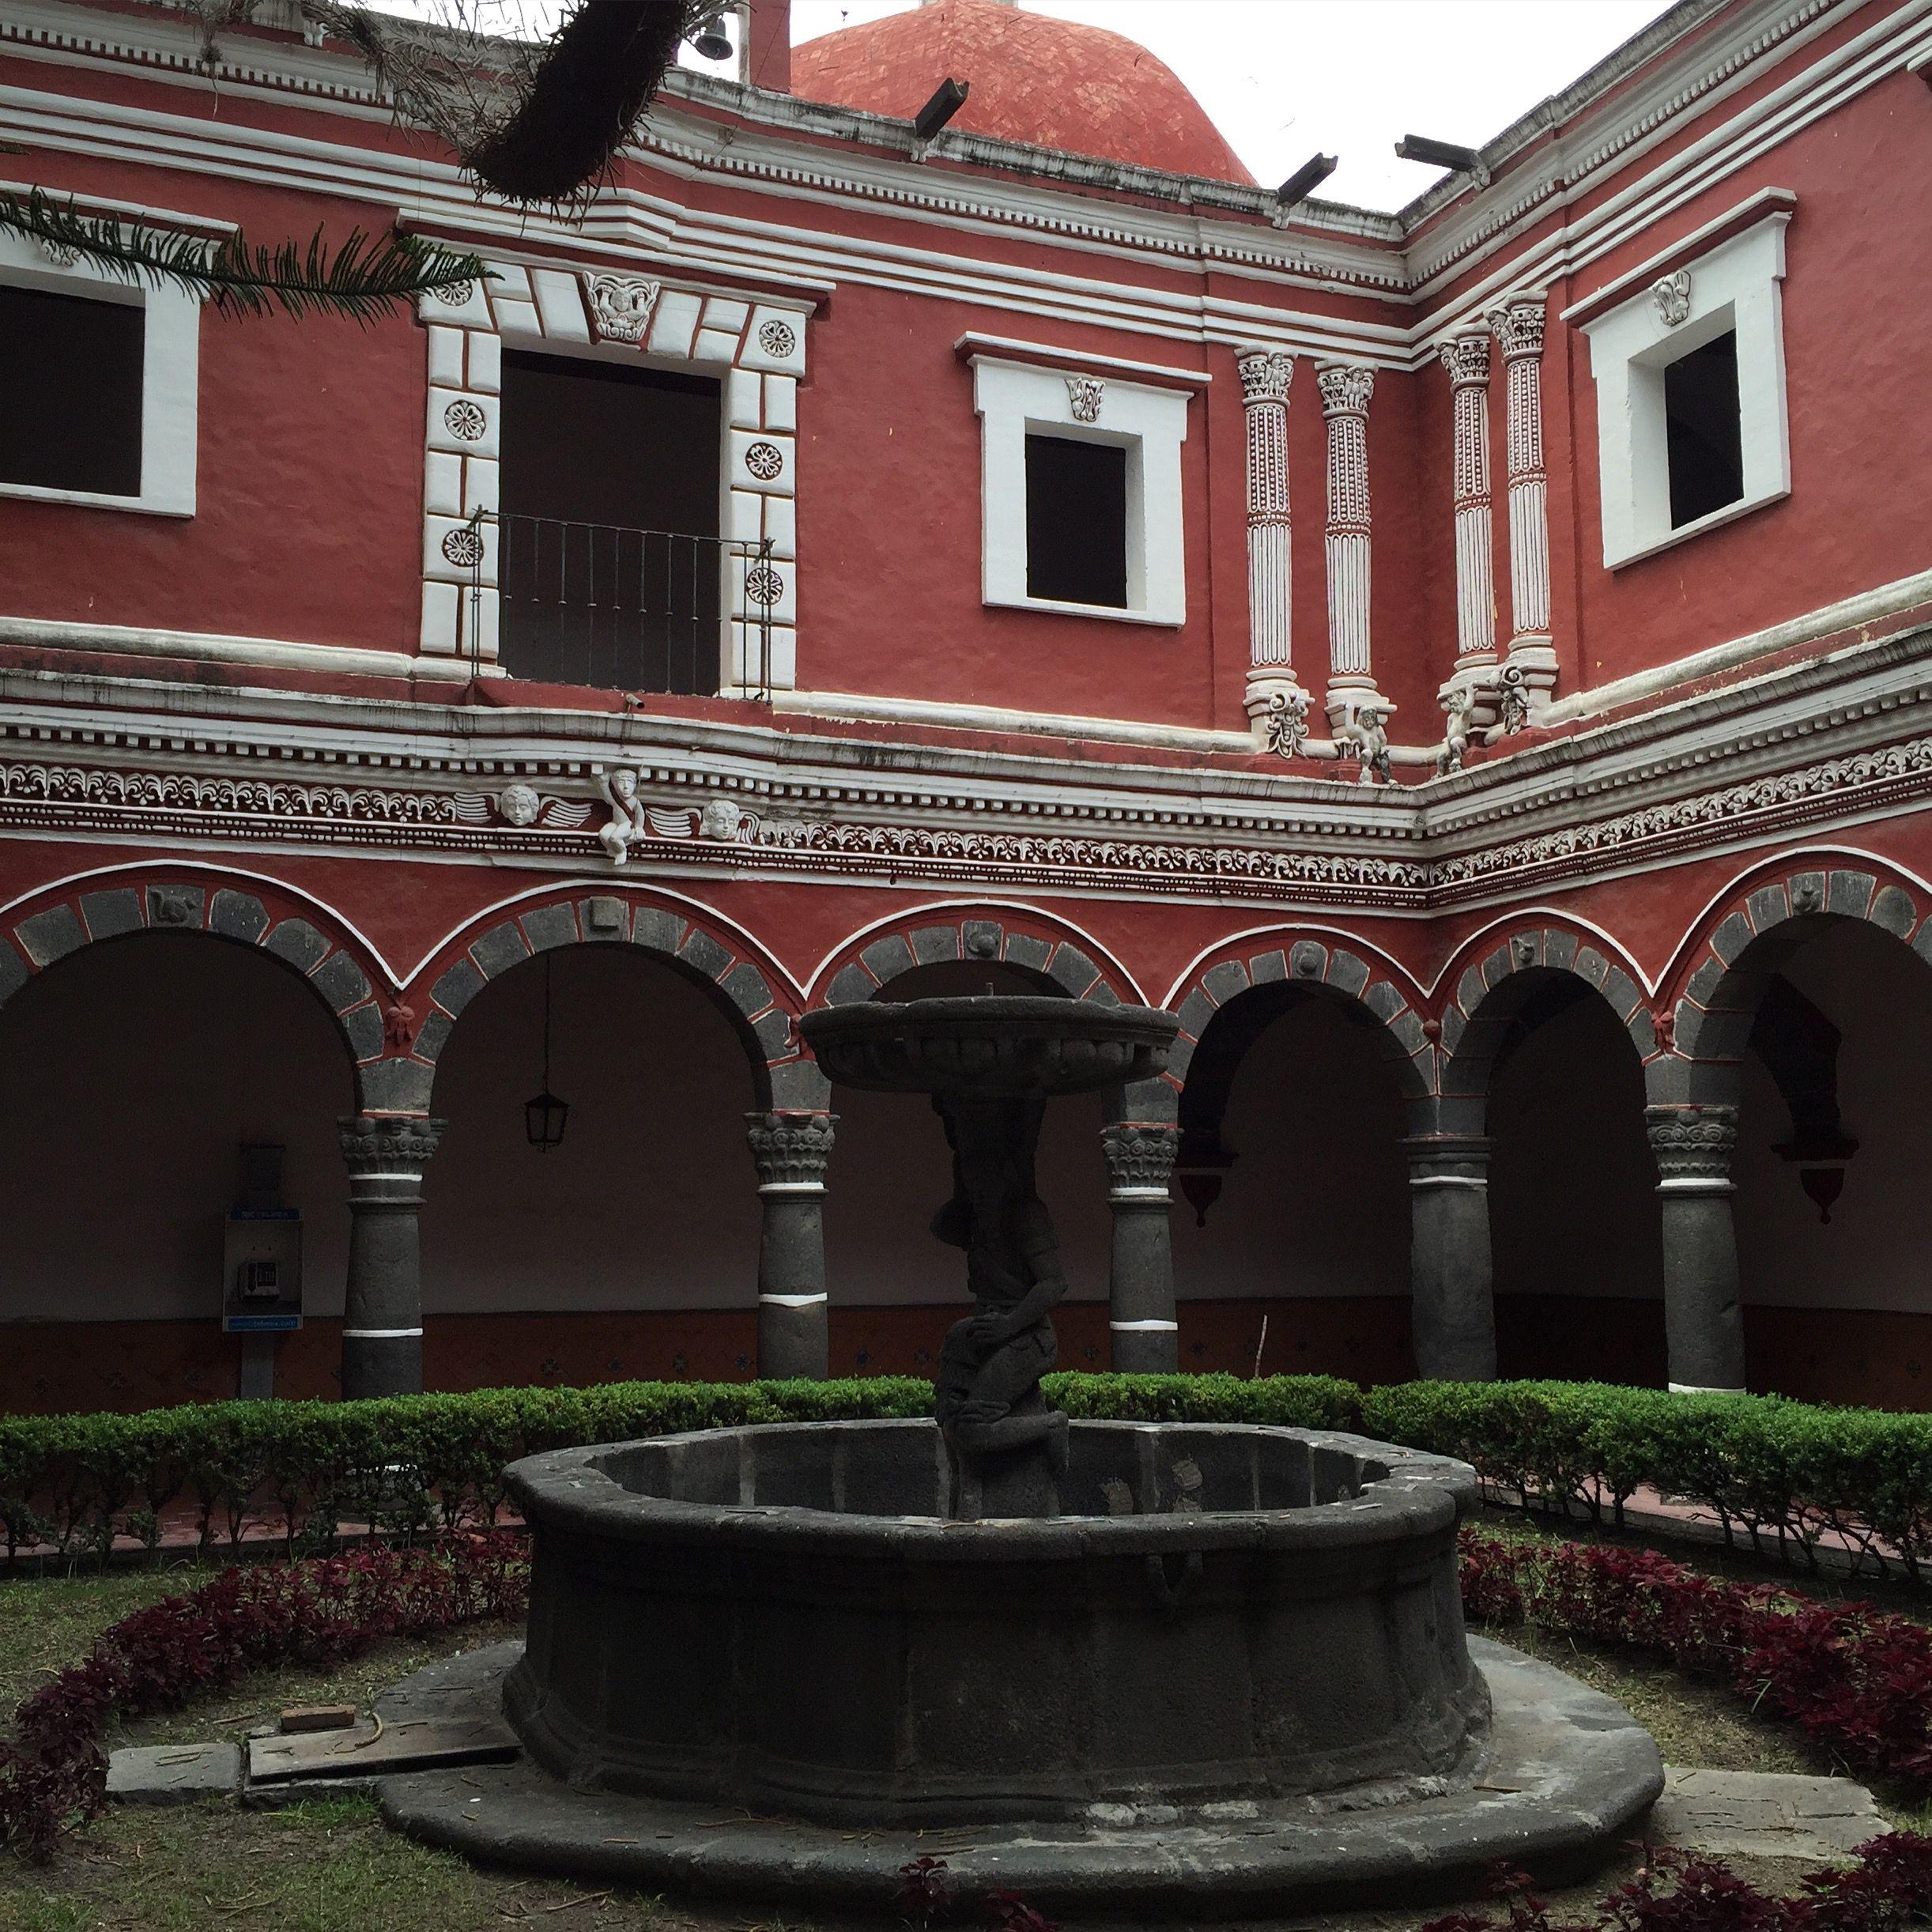 La Iglesia y Hospital de San Juan de Dios tiene uno de los patios más bellos del estado.